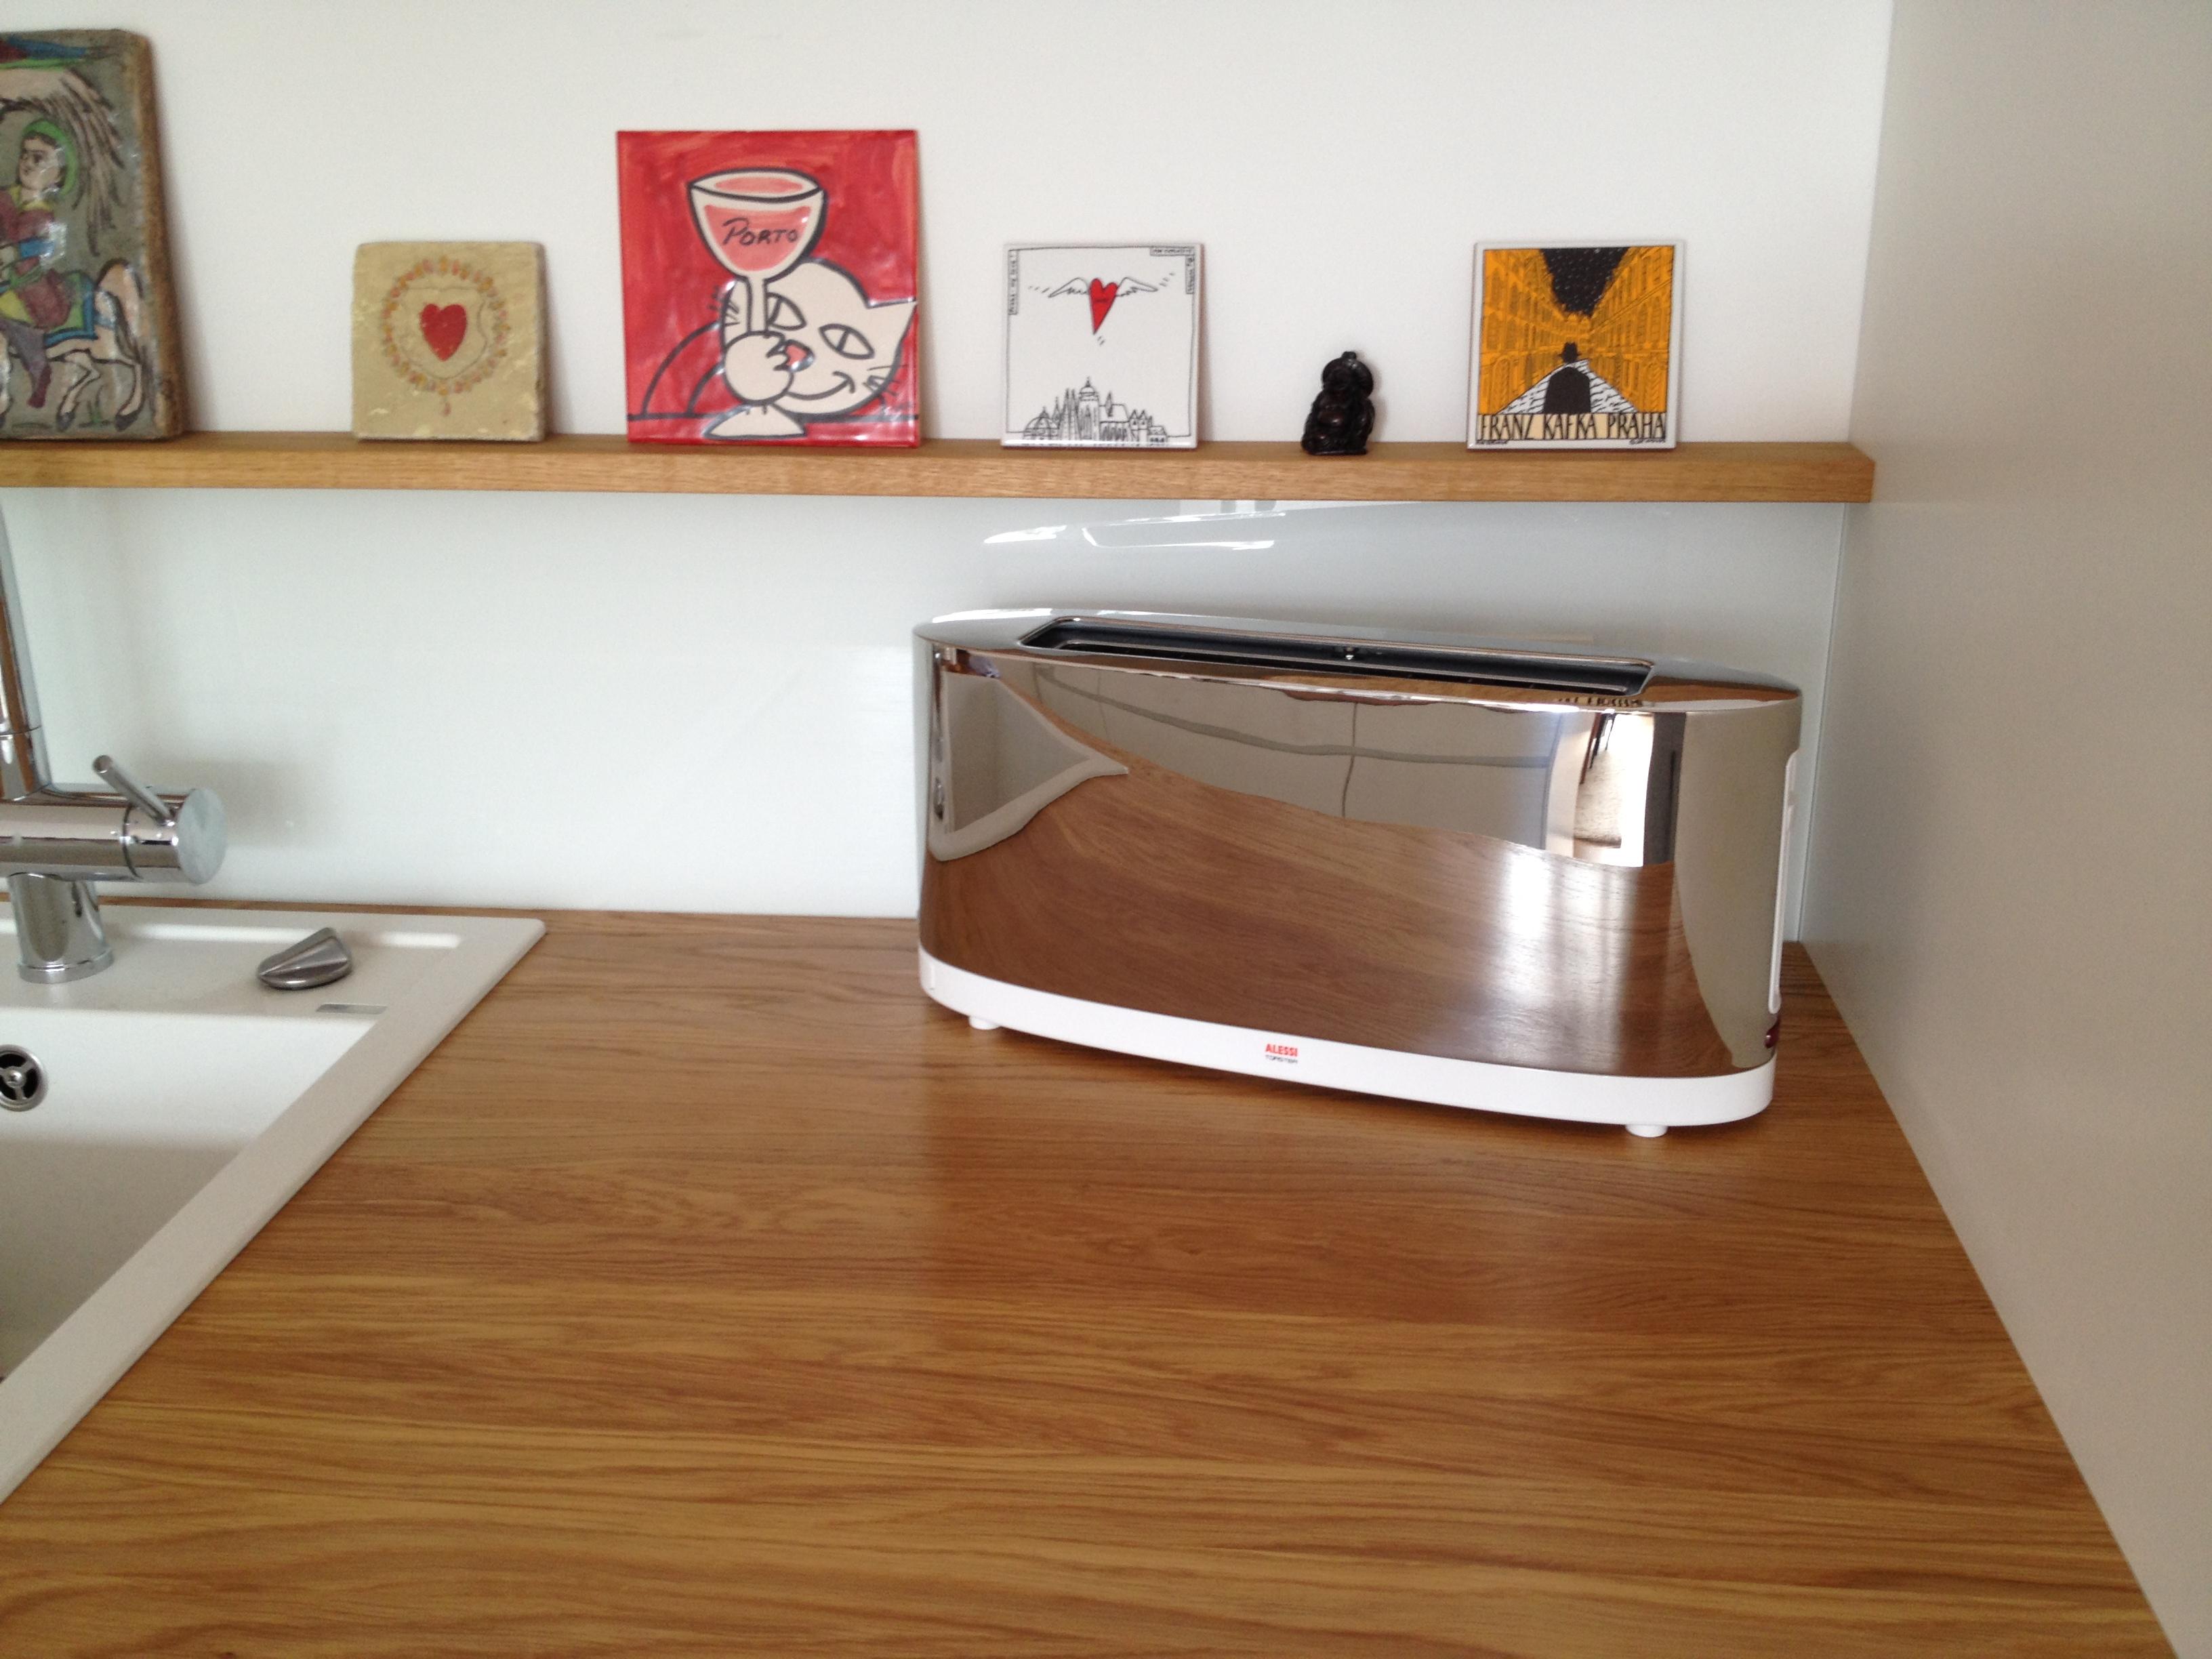 alessi toaster amazoncom alessi electric toaster kitchen  - der alessi toaster im selbstversuch designbegeistert